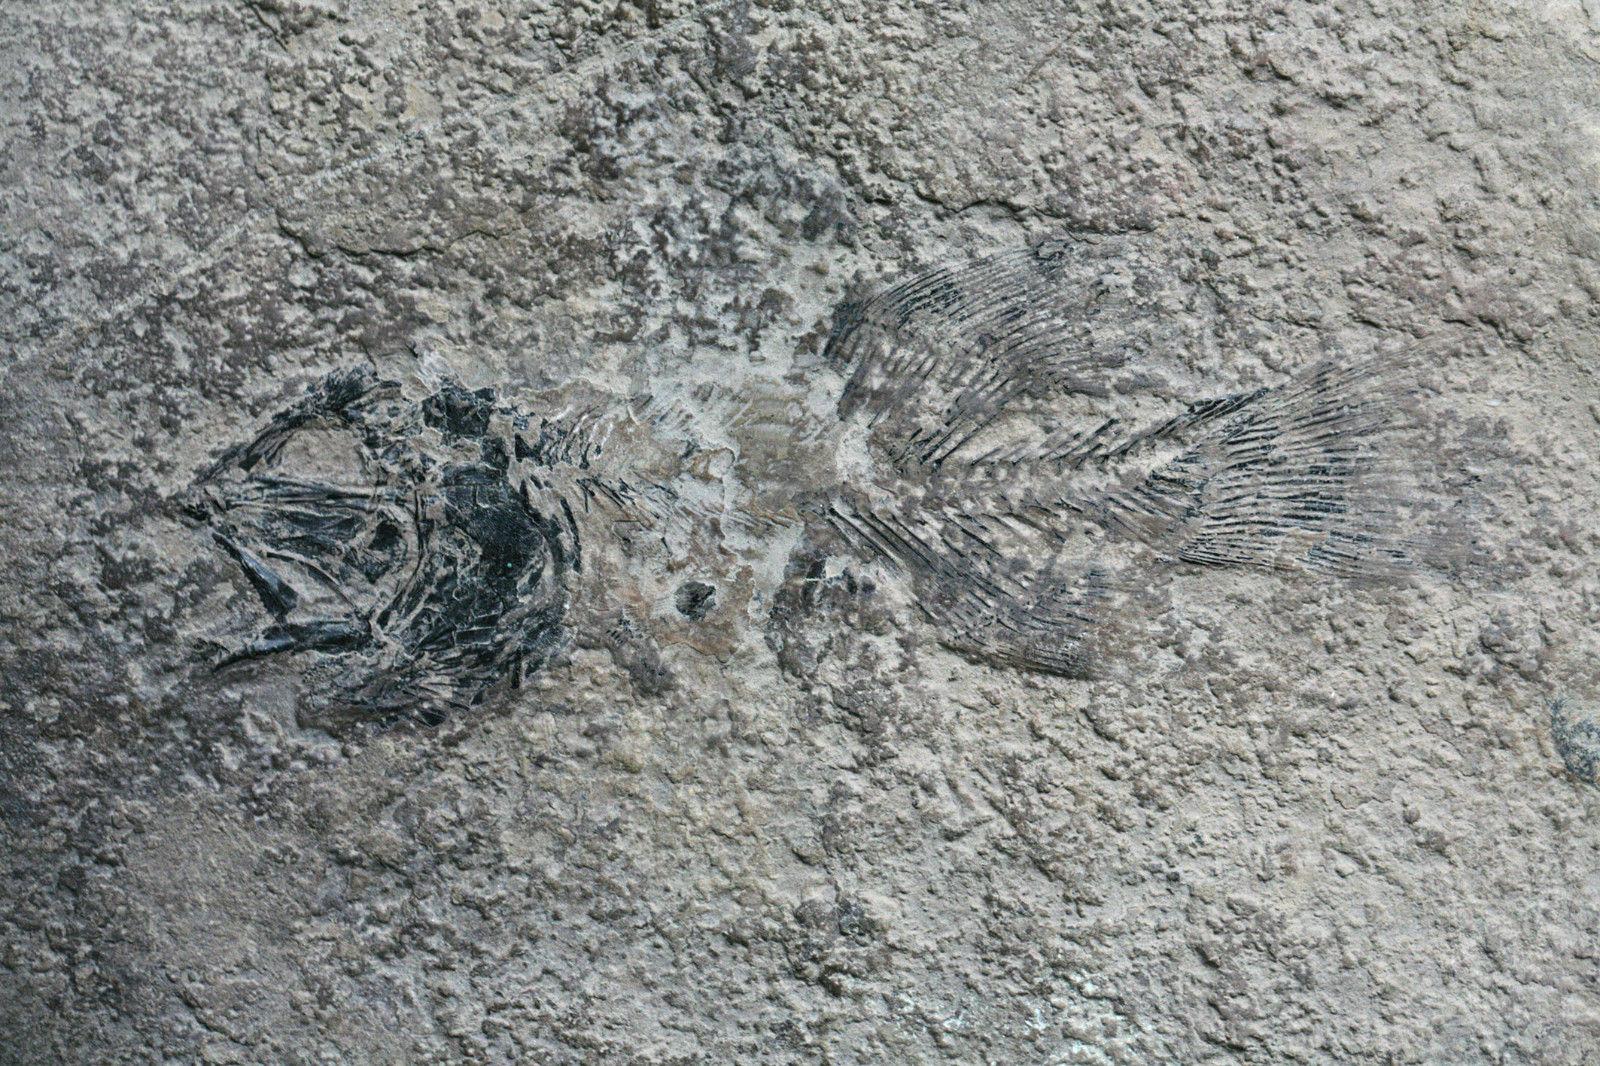 Gymnoichthys inopinatus Tintori et al., 2010